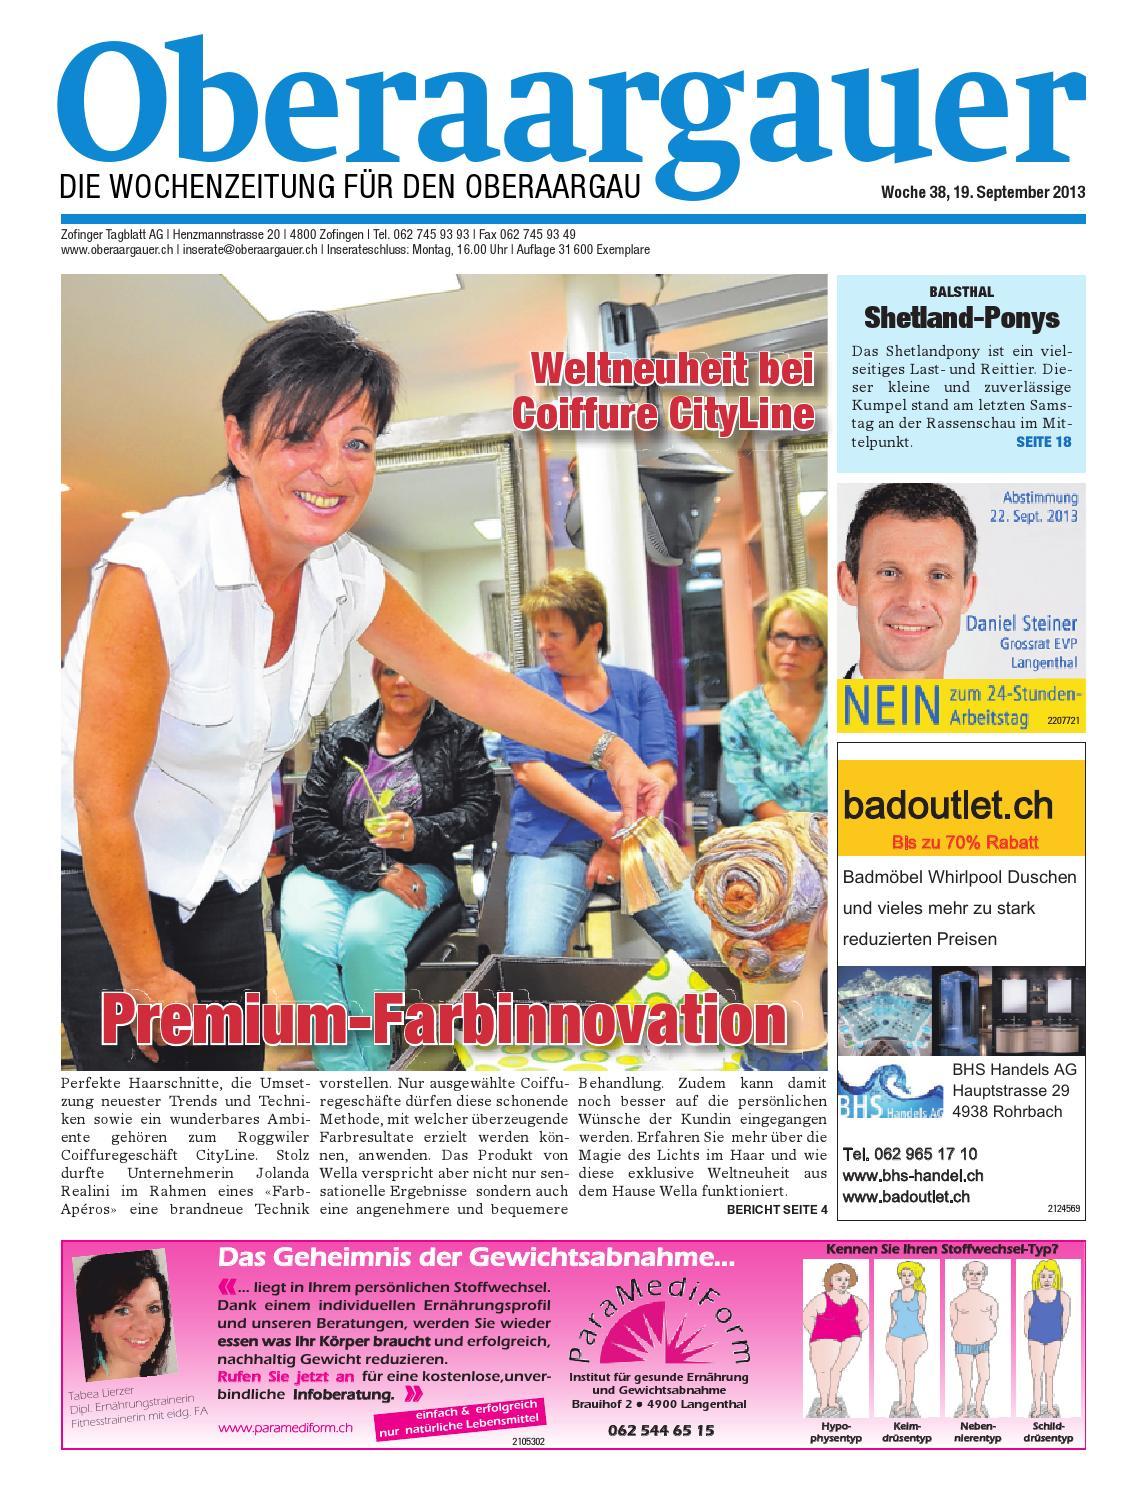 Langenthal: 2 Angebote in Frau sucht Mann - eig-apps.org